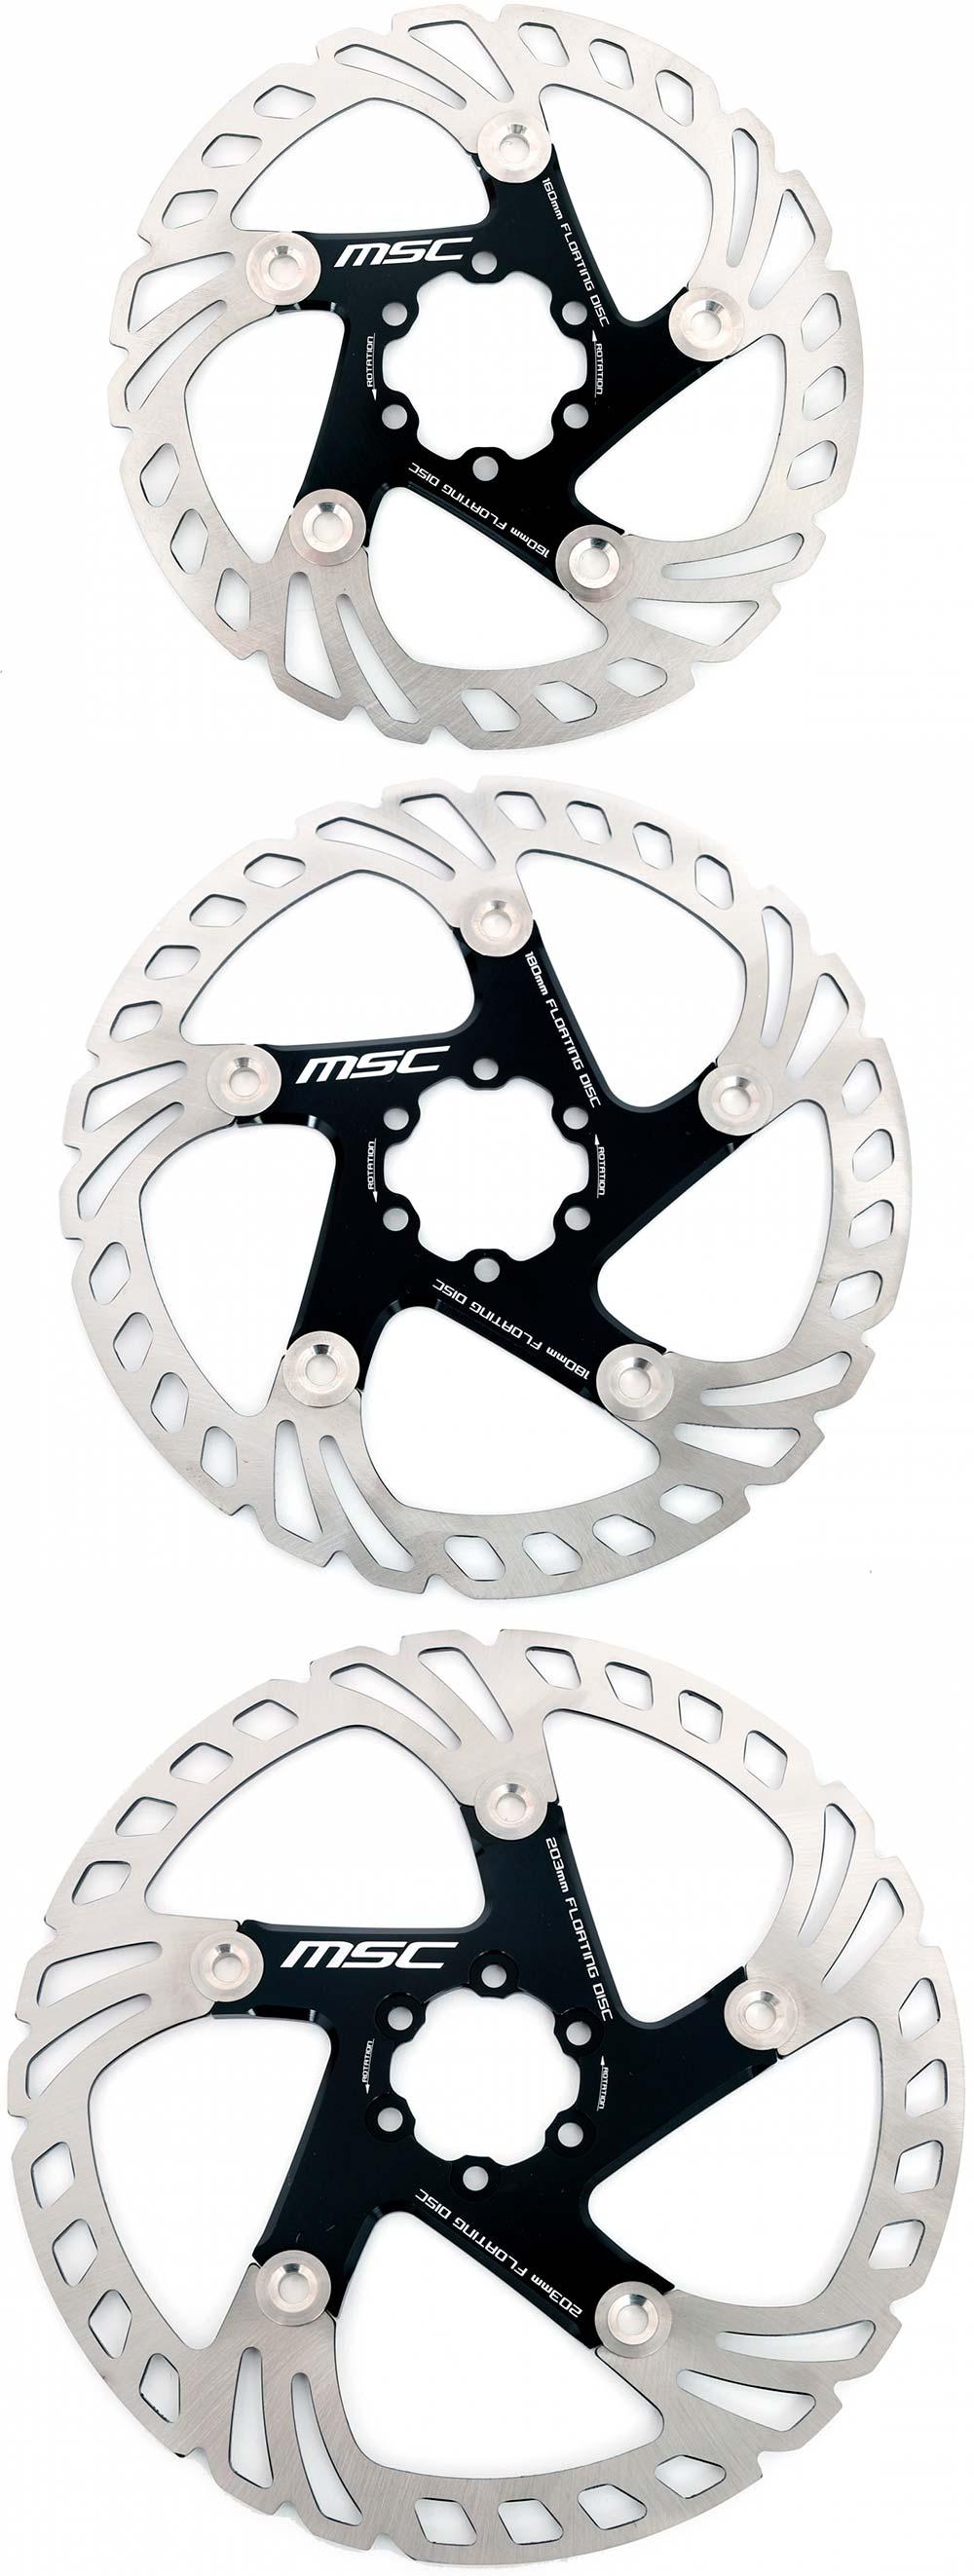 En TodoMountainBike: MSC Bikes presenta sus discos de freno flotantes, incluyendo un modelo con recubrimiento cerámico